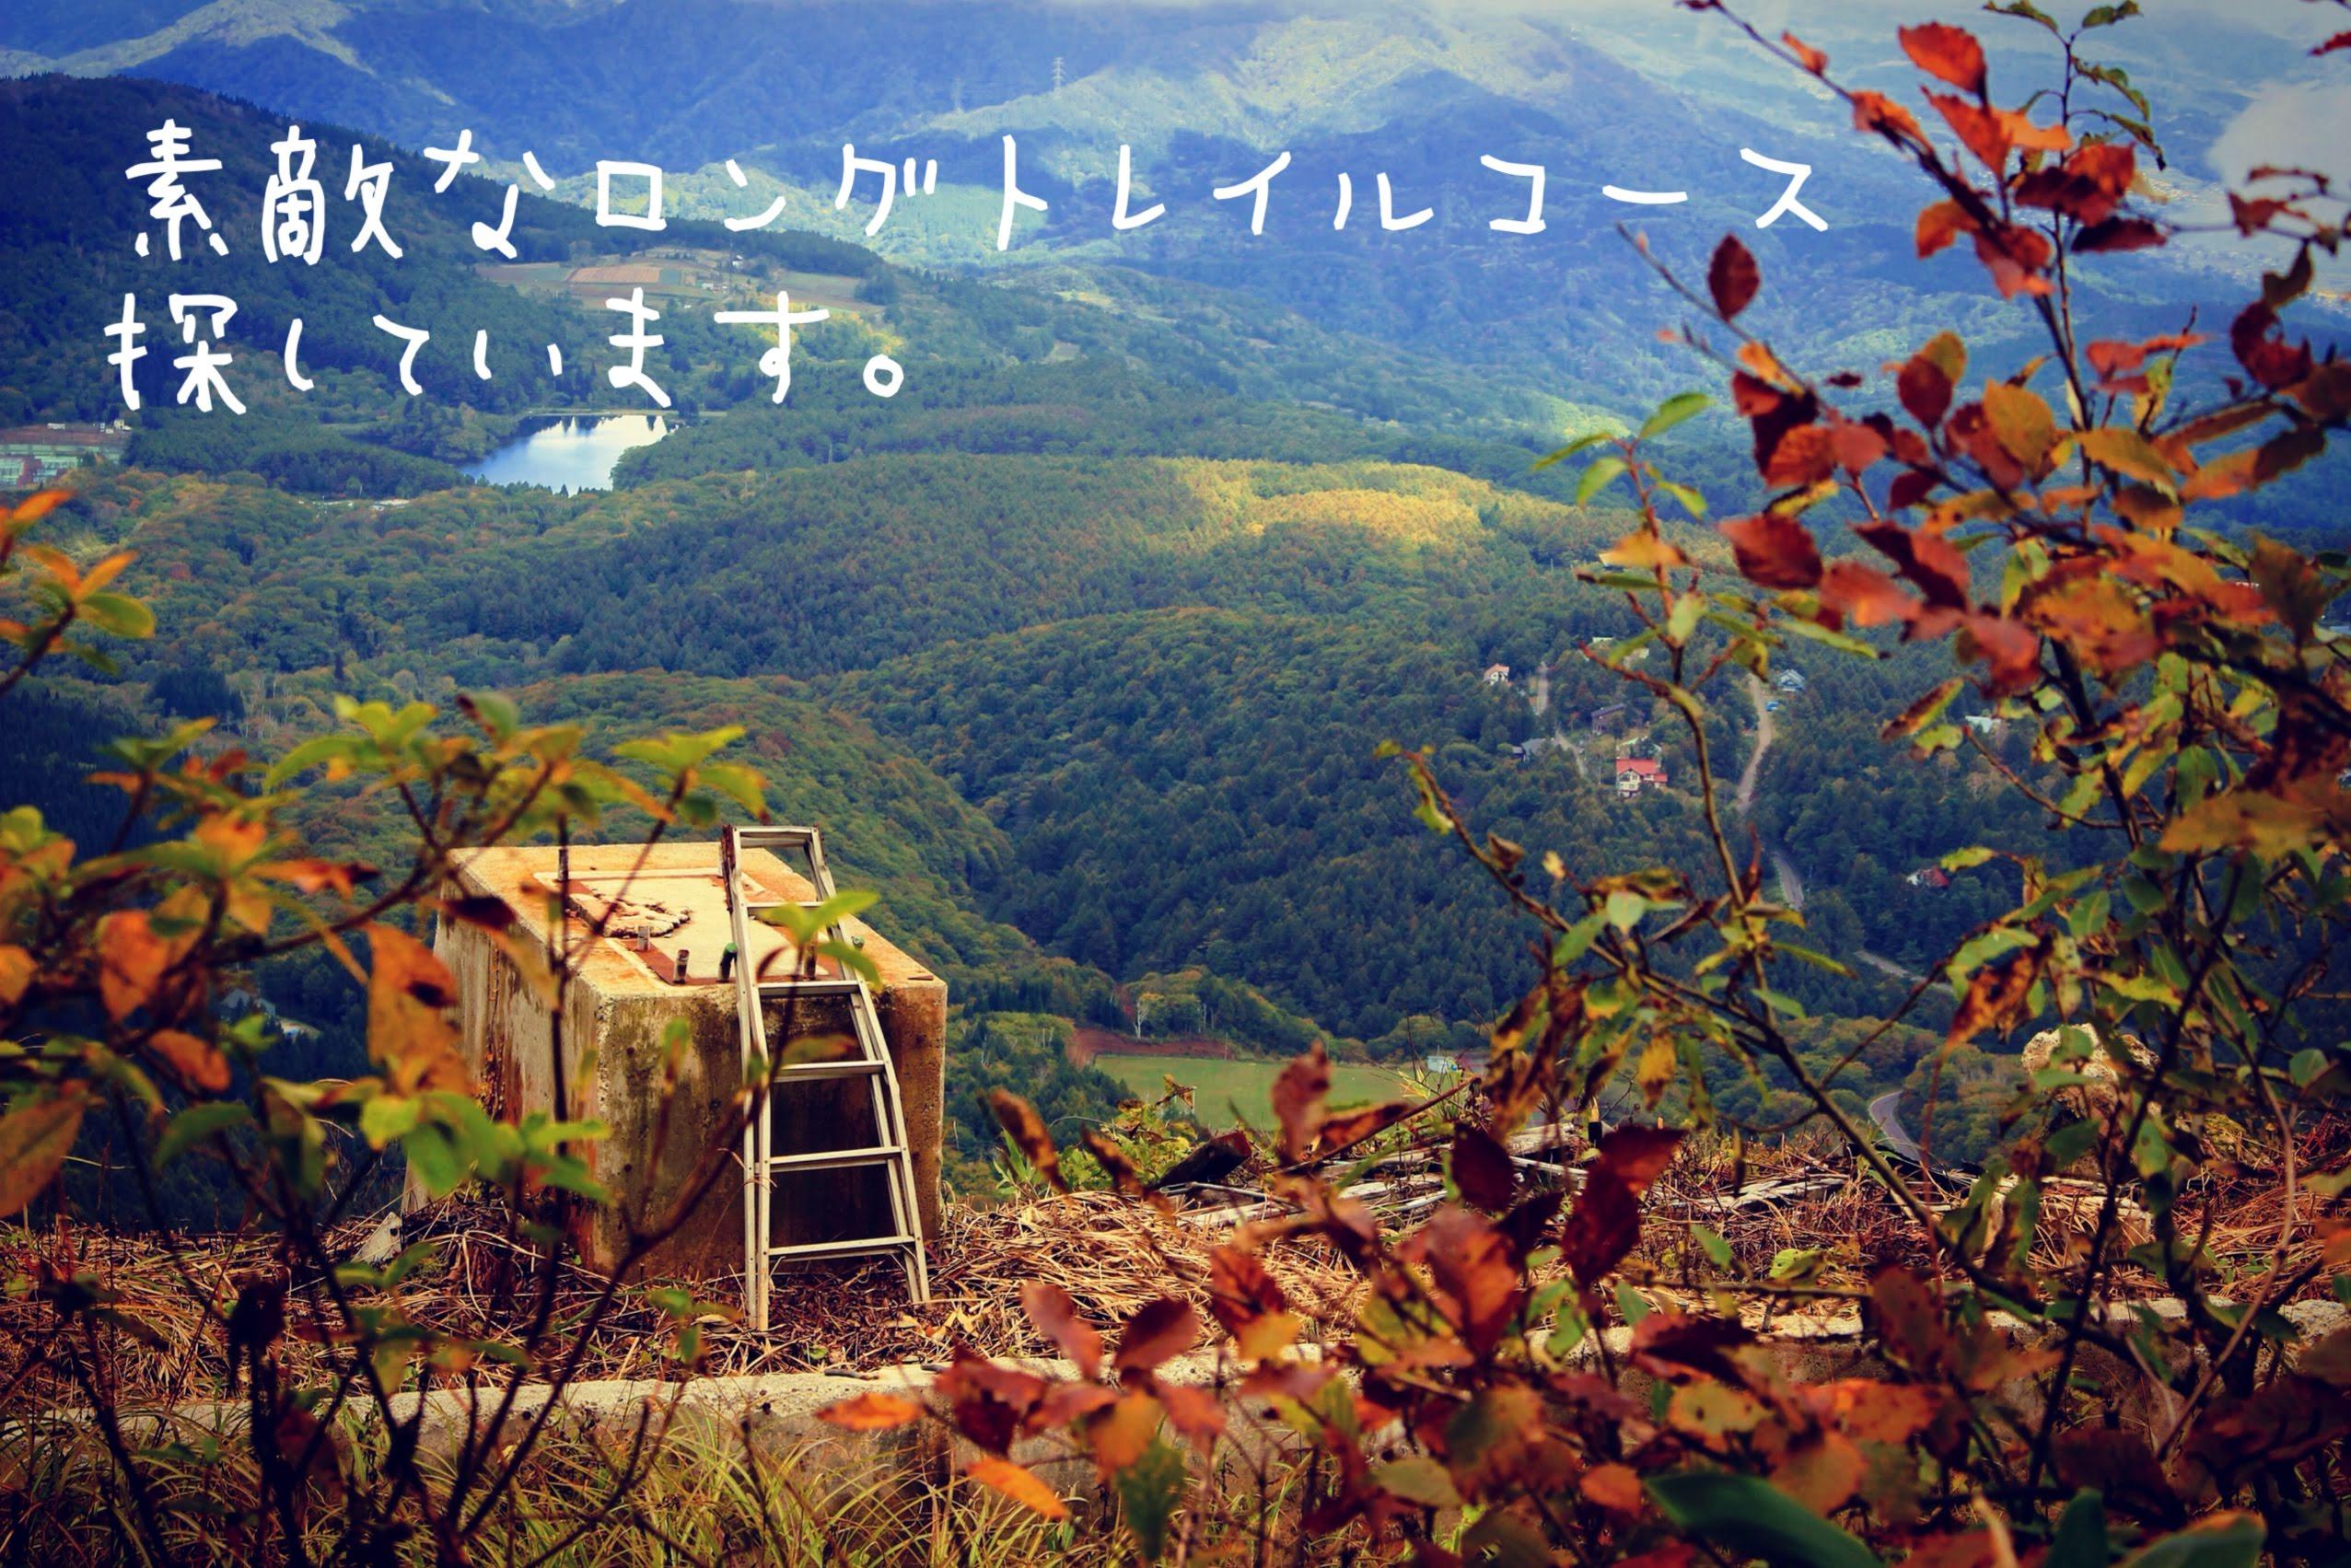 【トレイルコースの紹介】全国のロングトレイルコースを知り尽くしたい!(信越・熊野古道・北根室編)